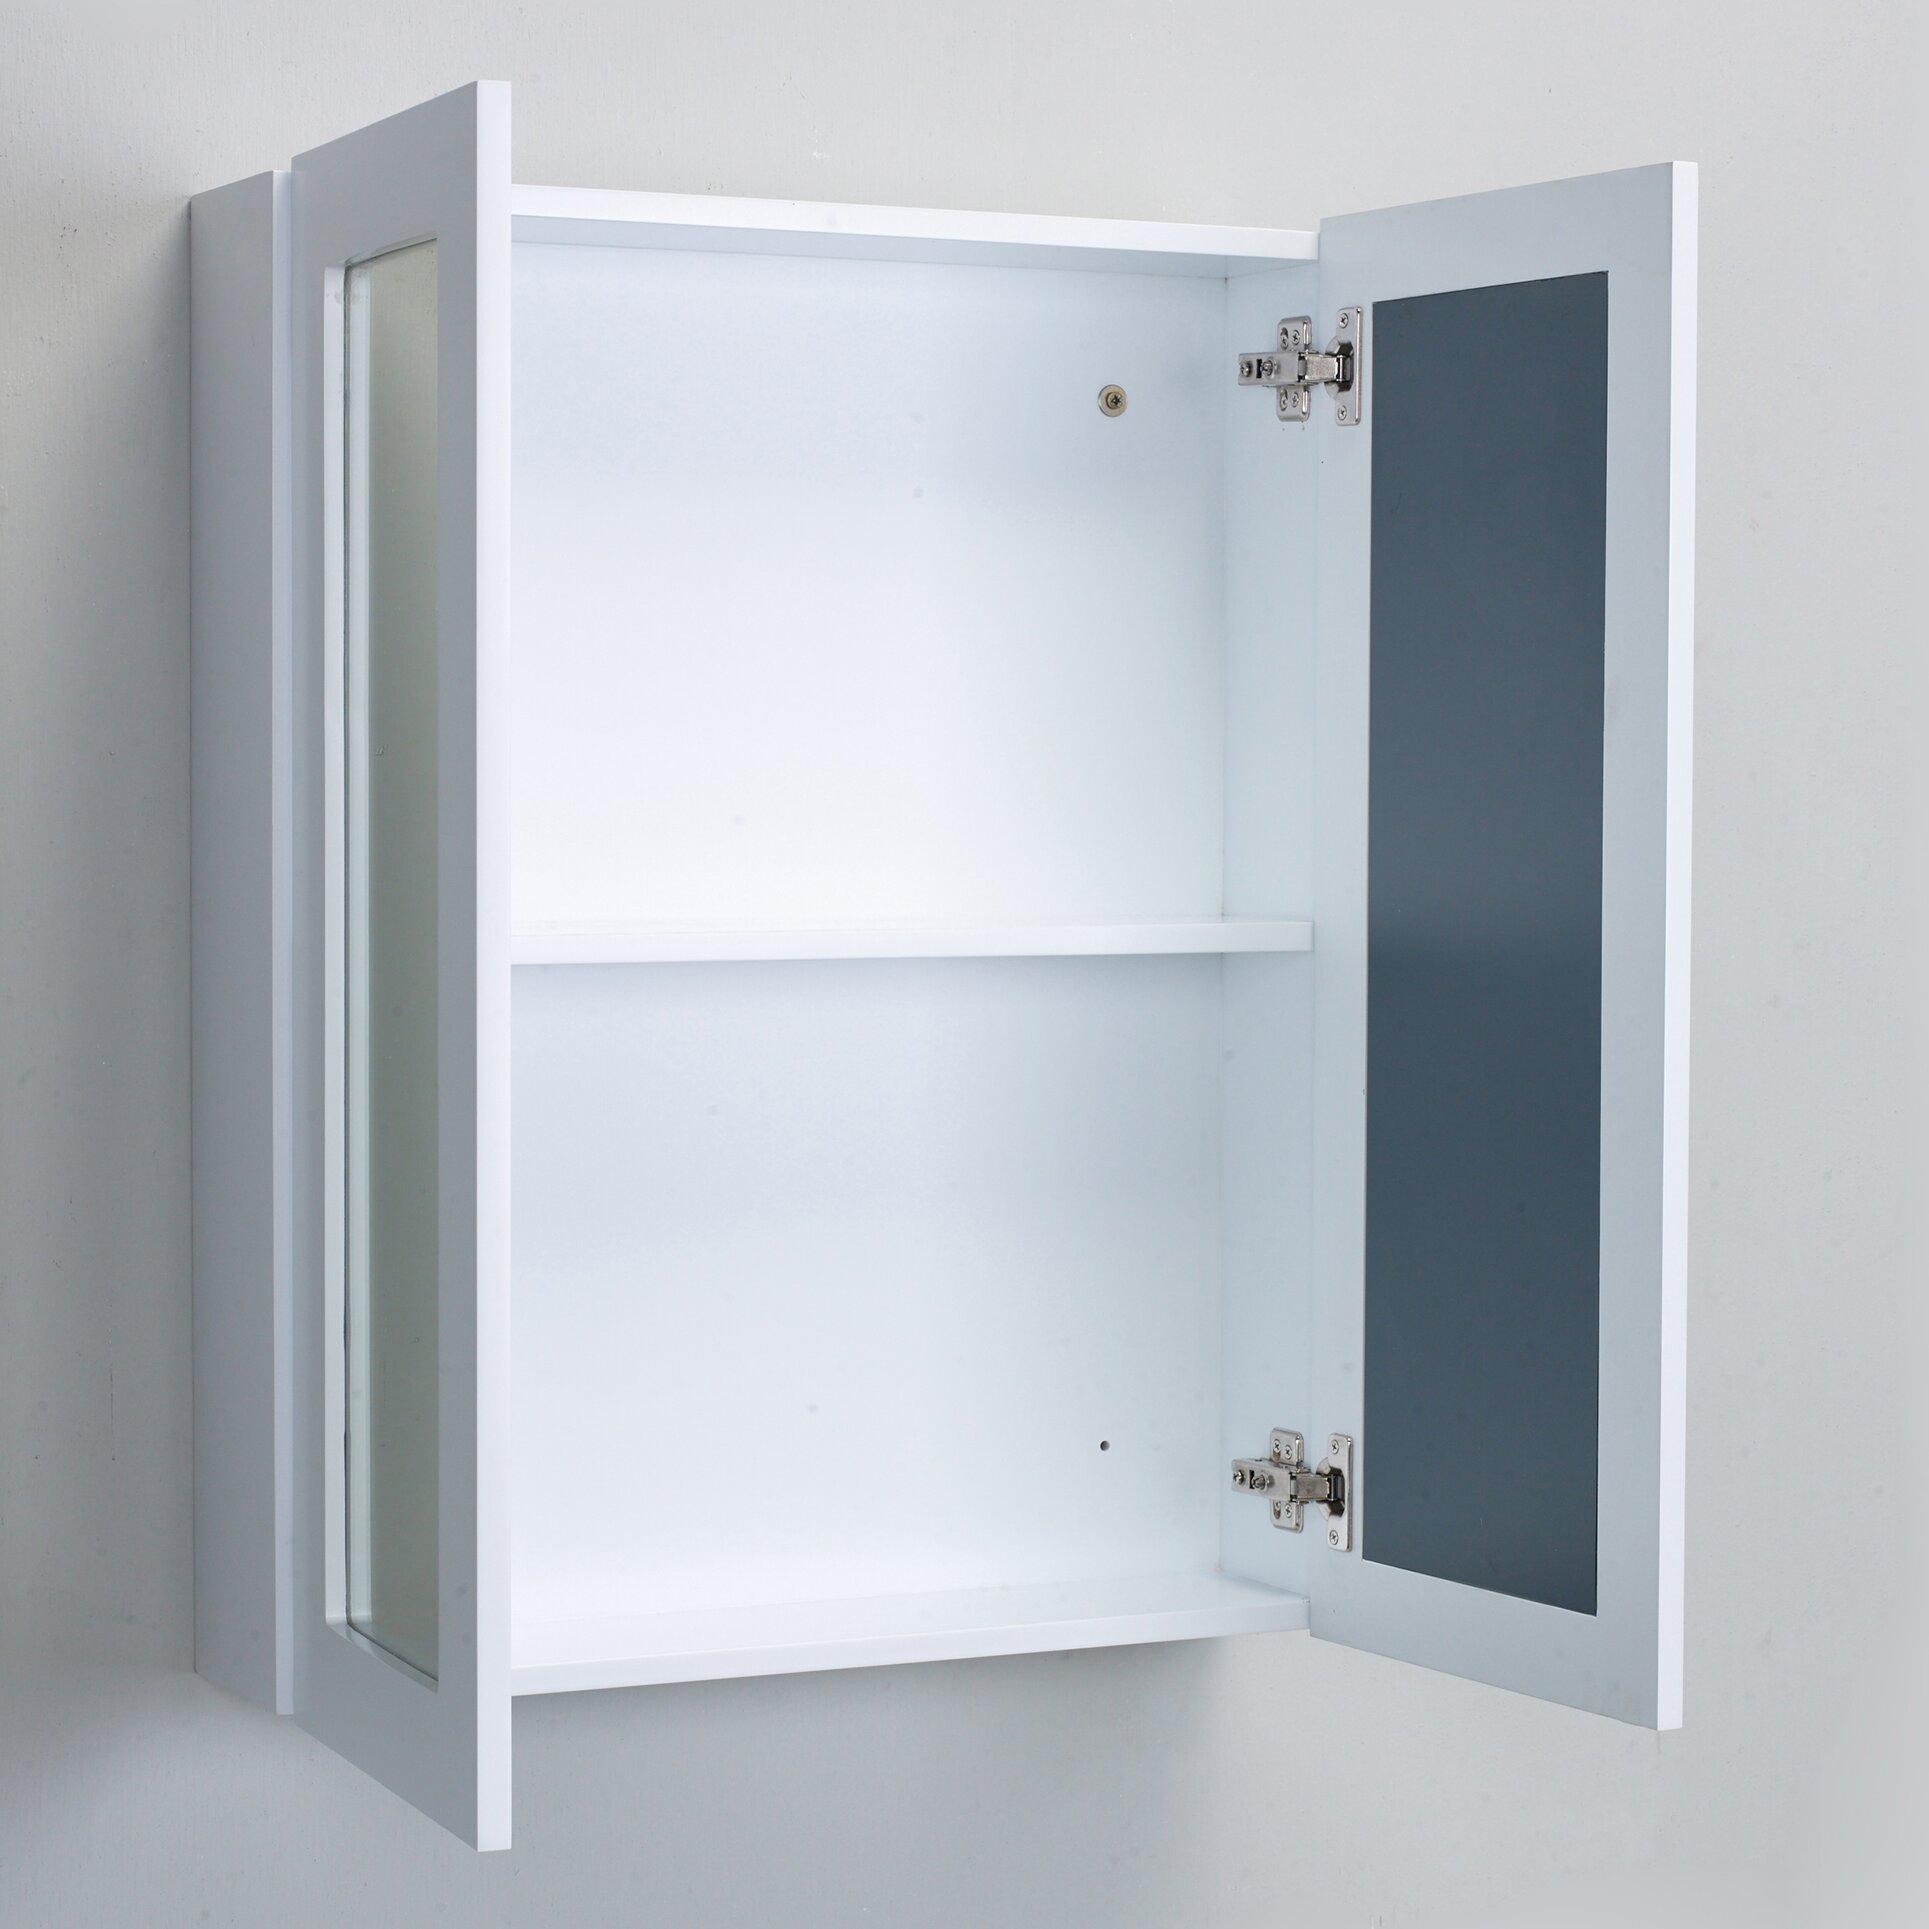 Eviva Tux 24 X 30 Surface Mount Medicine Cabinet